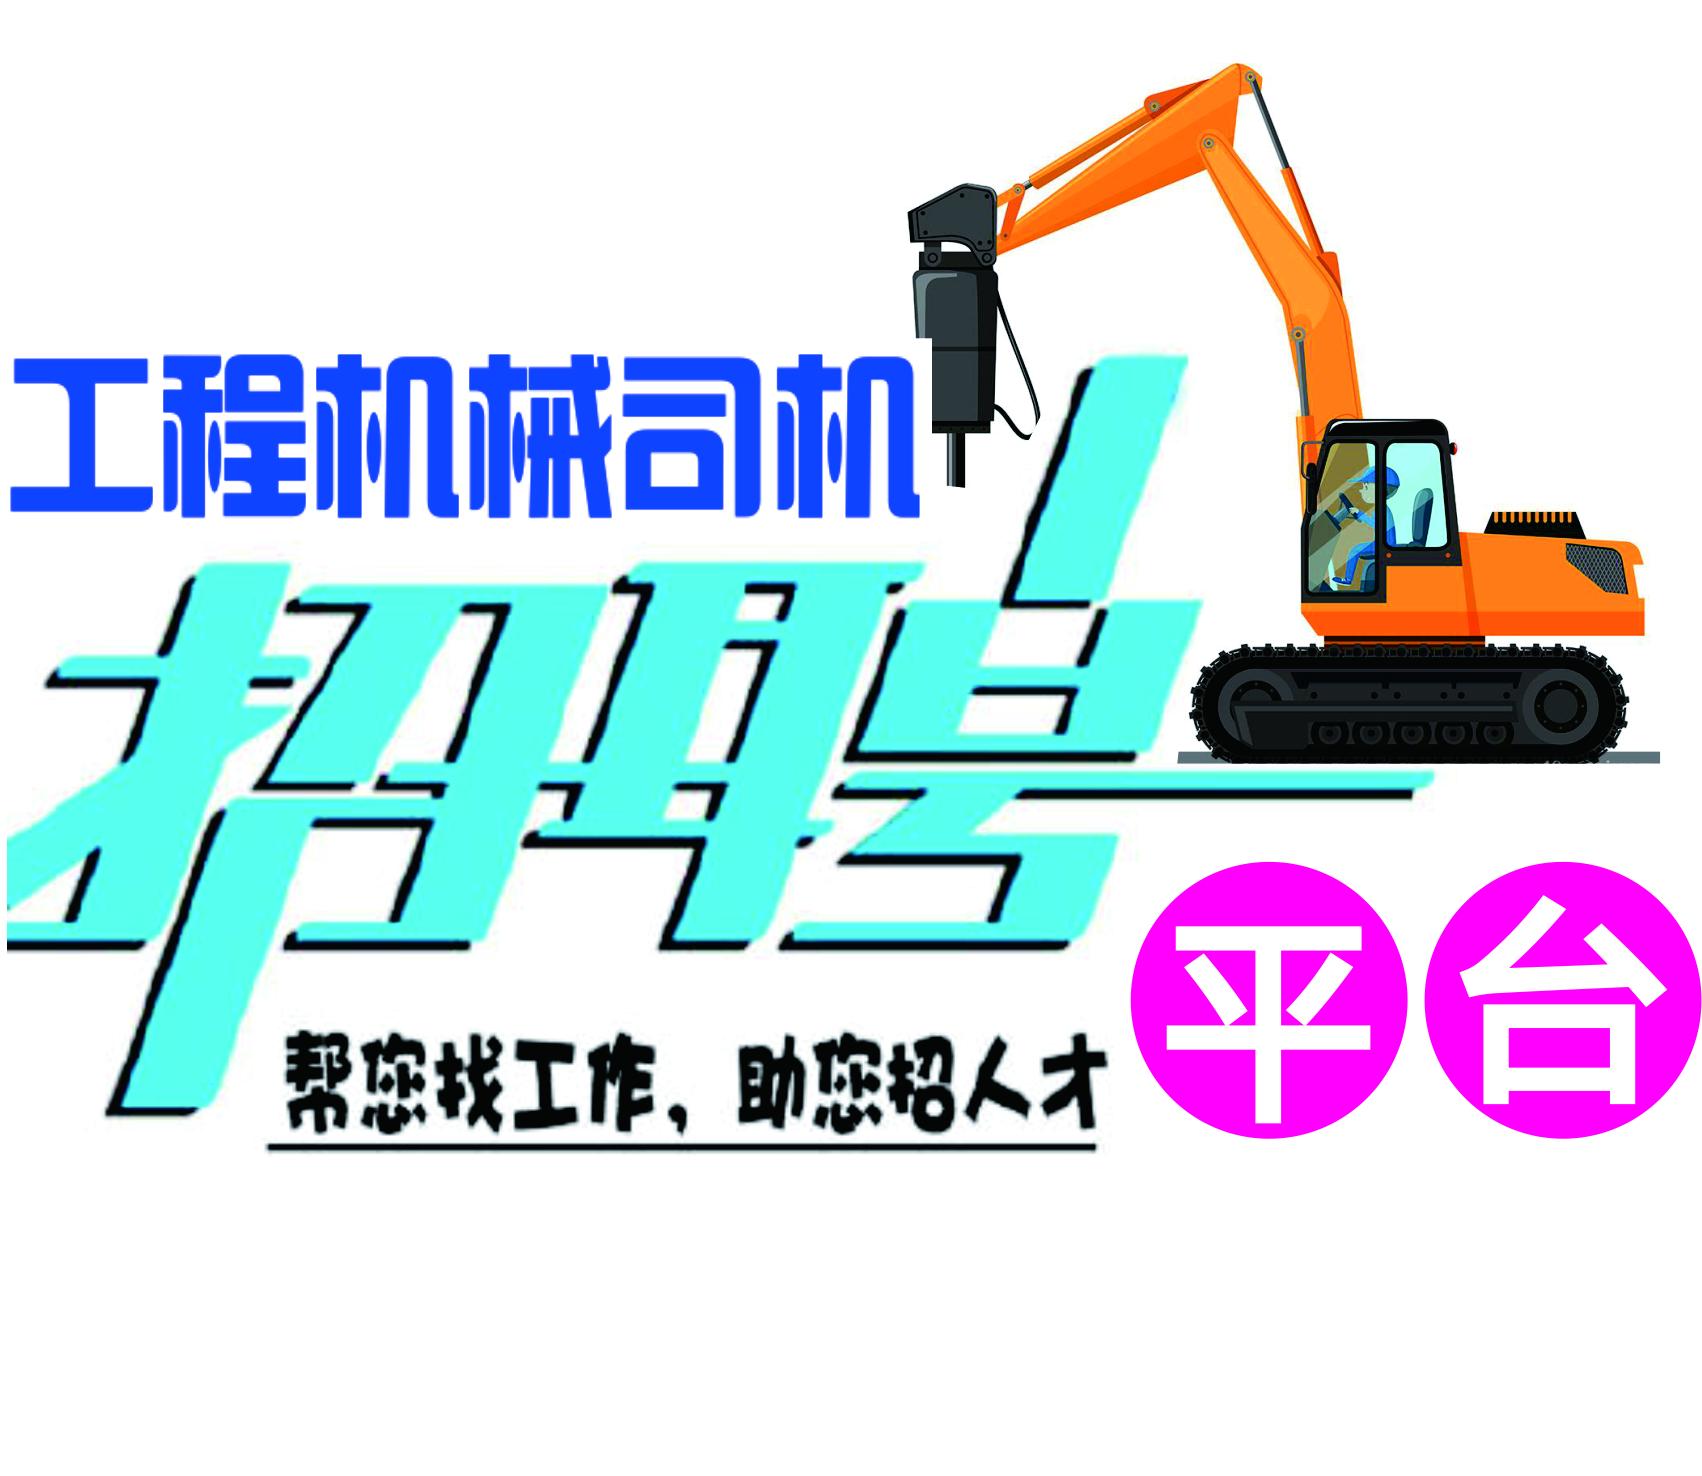 工程机械司机招聘服务平台